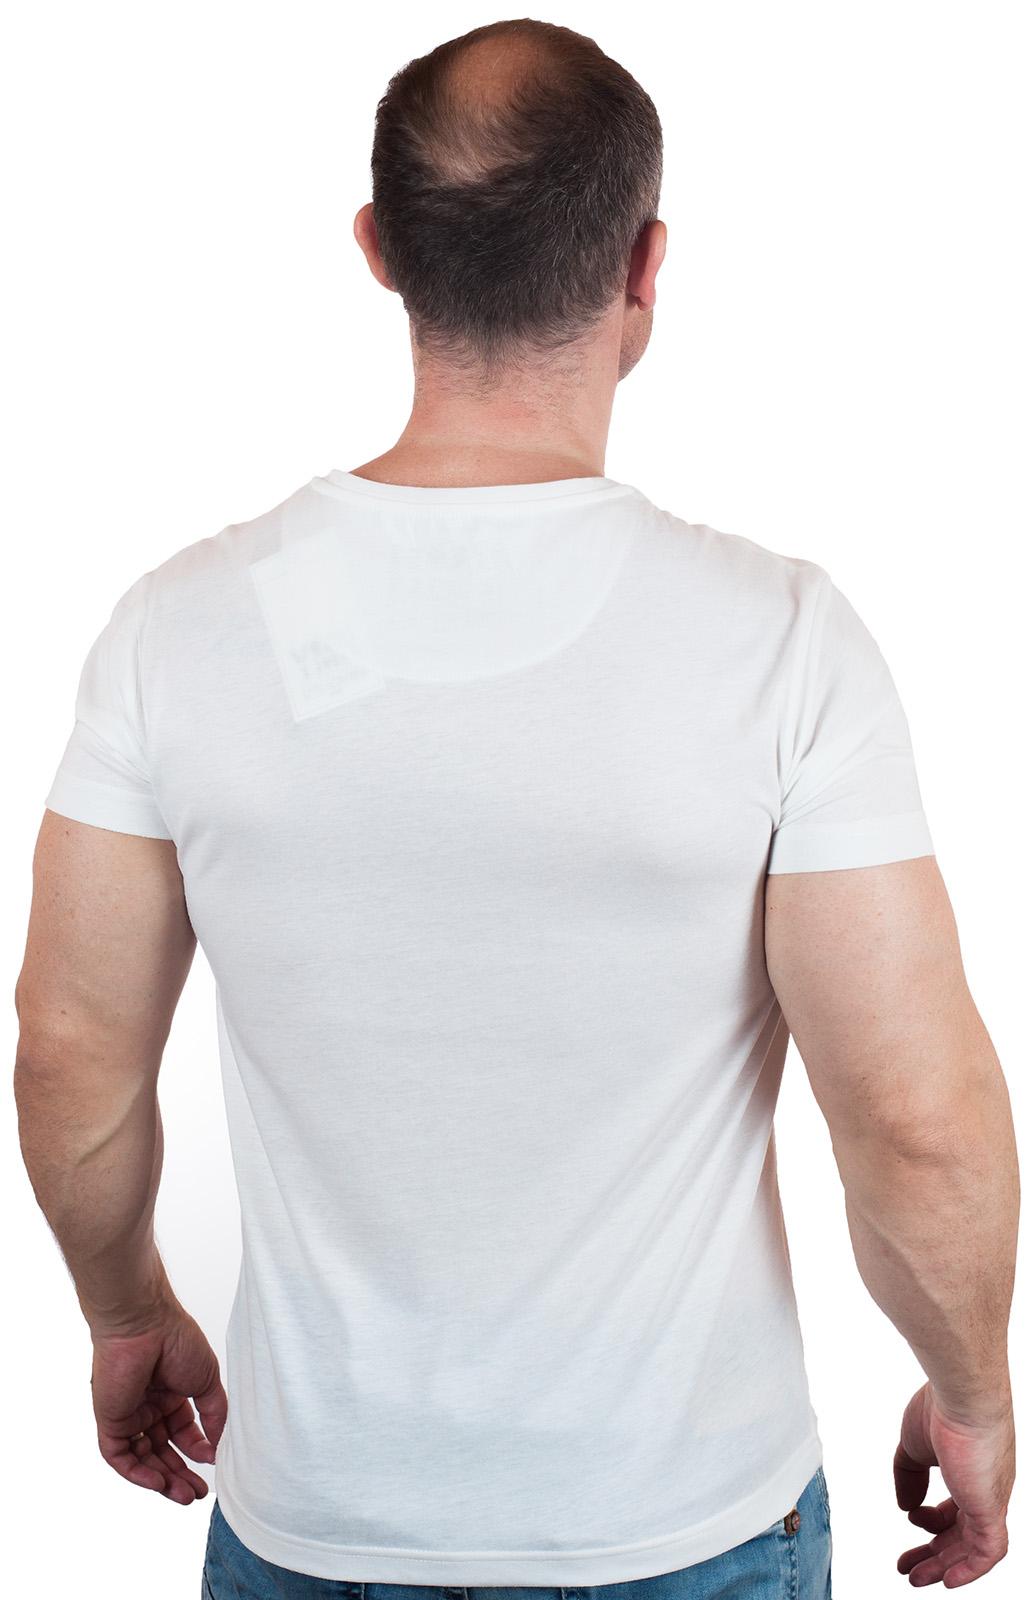 Купить футболку от бренда Max Youngmen